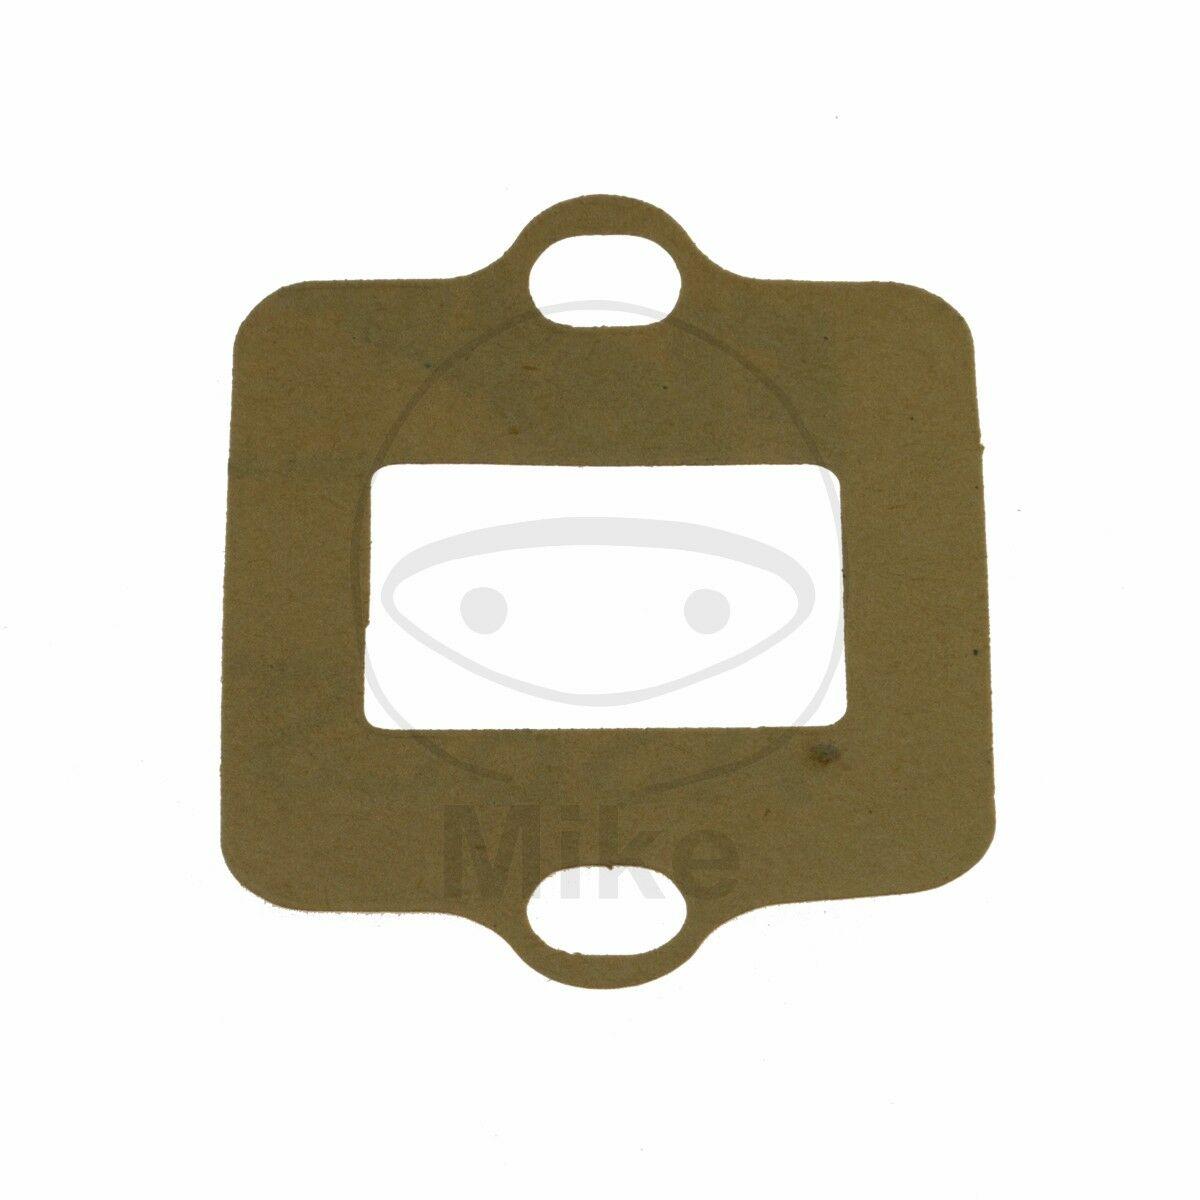 Obrázek produktu Těsnění sání ATHENA